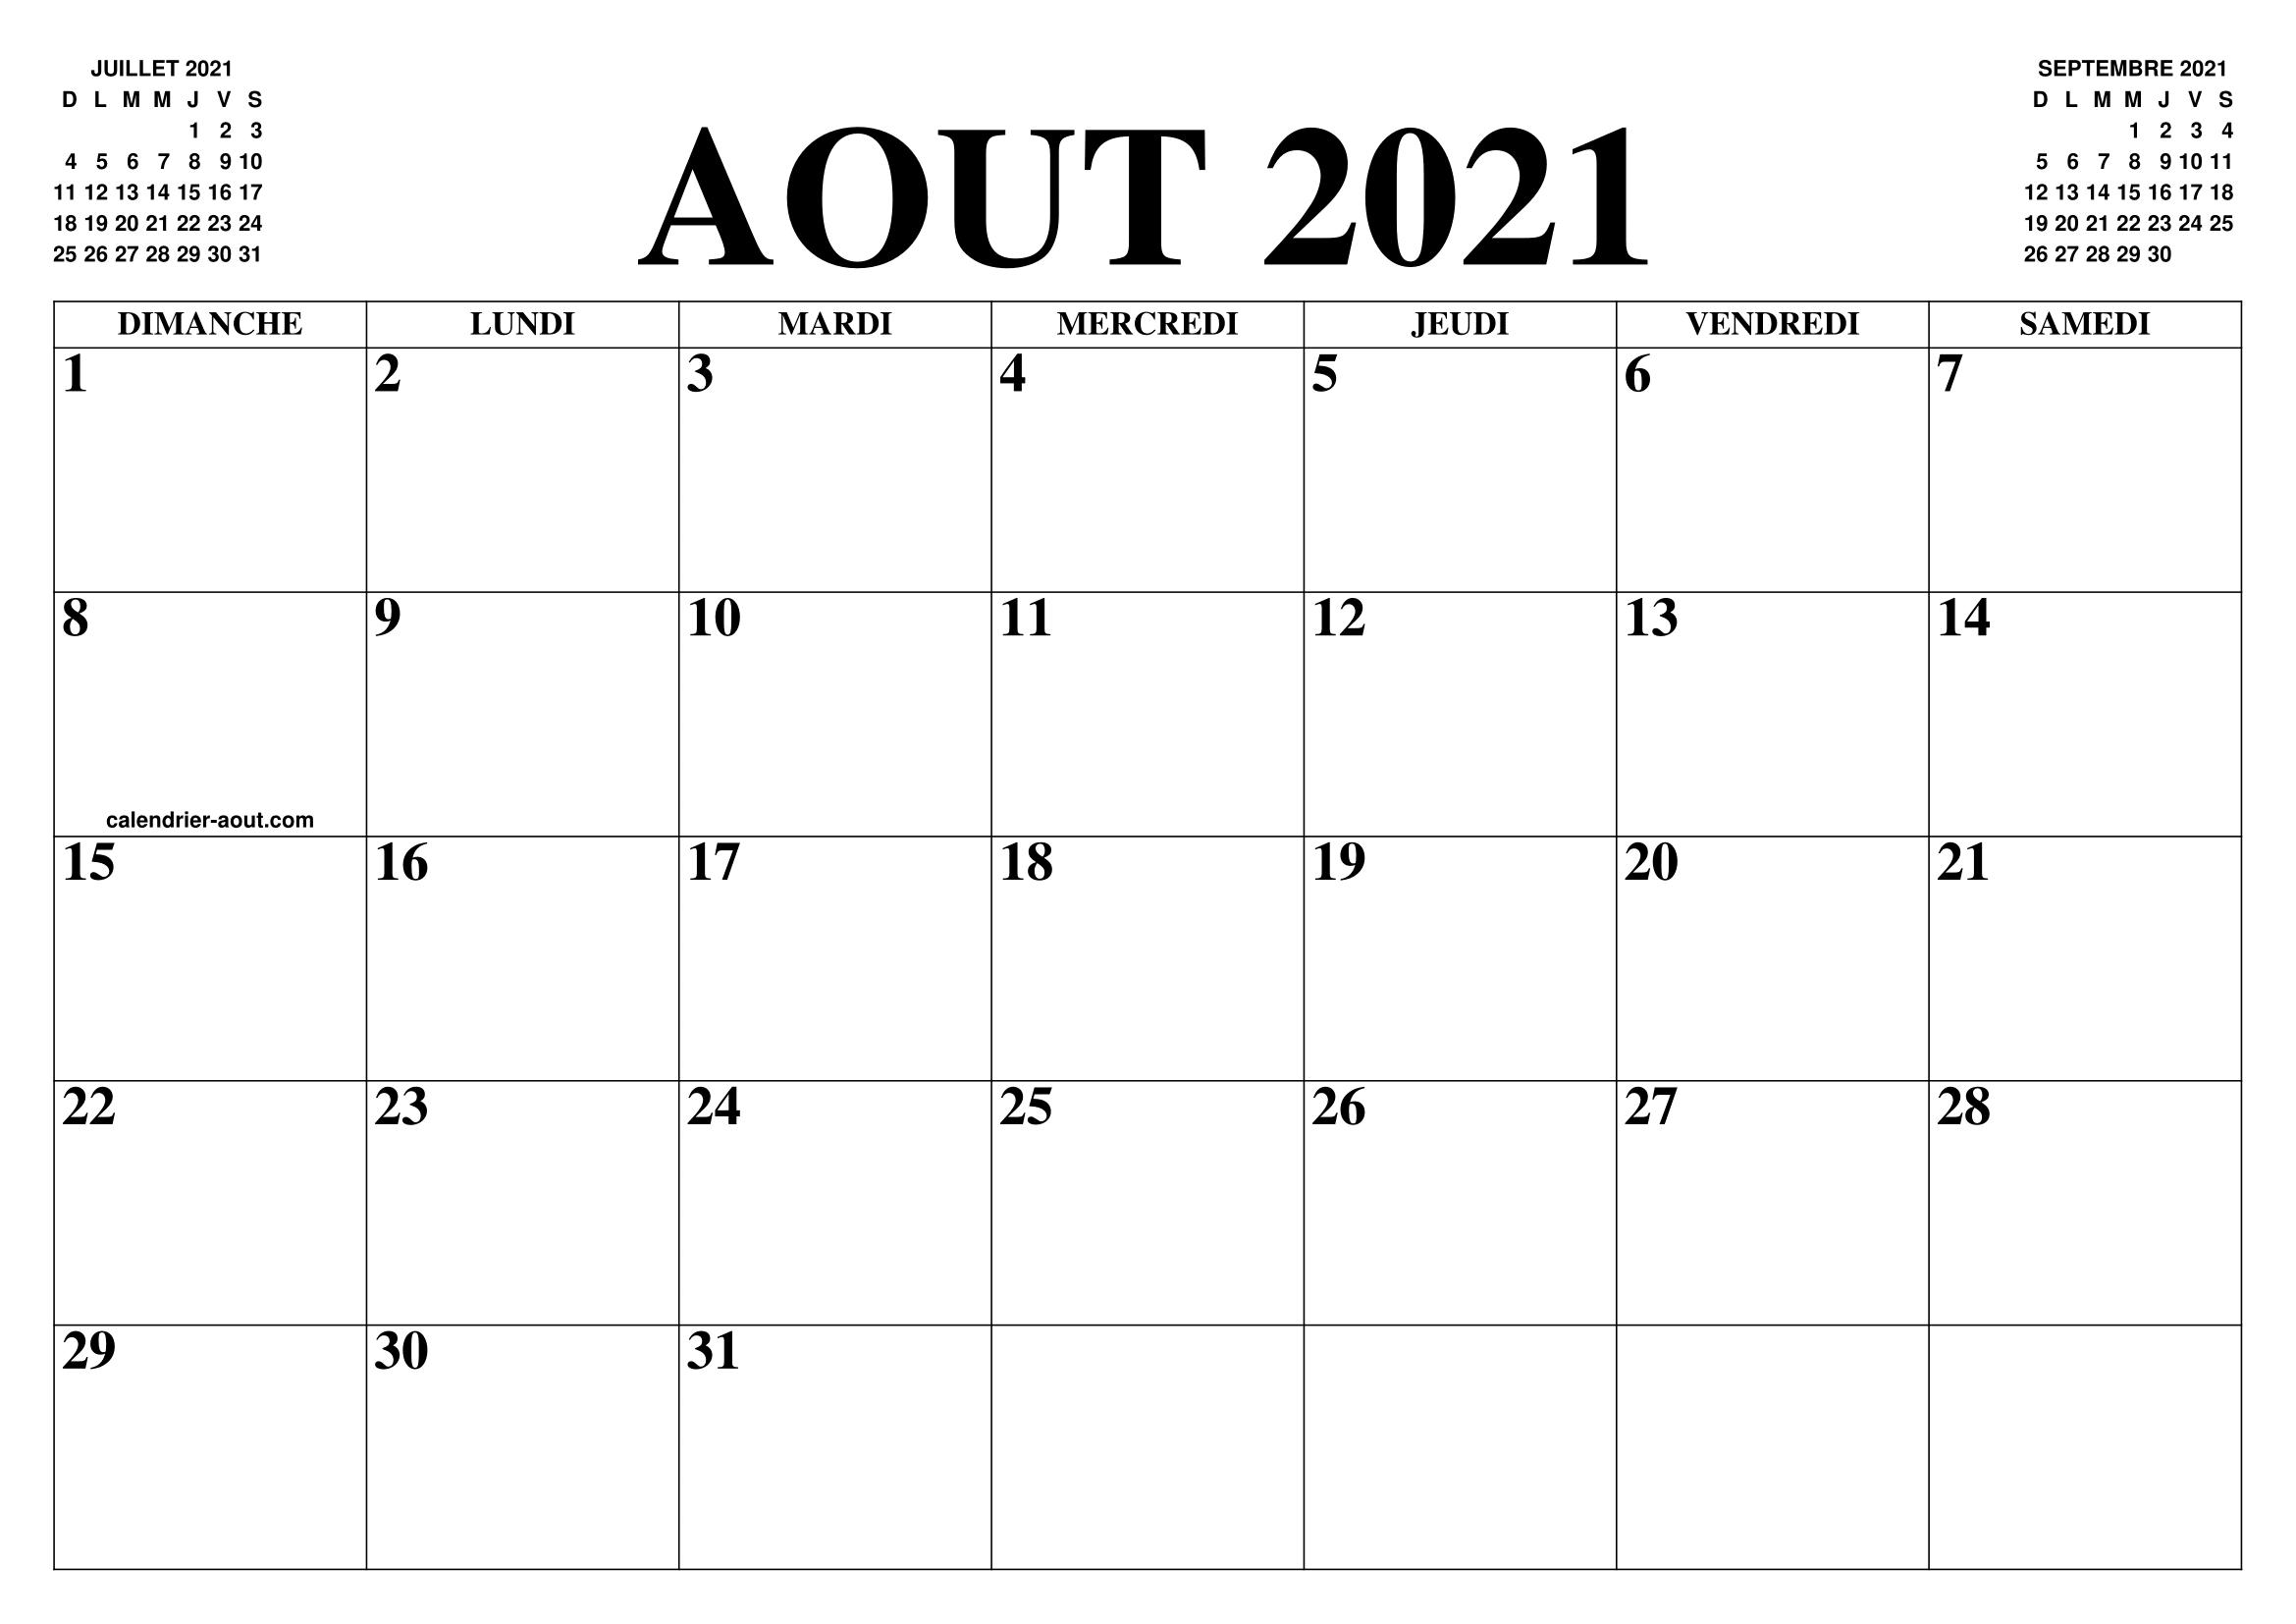 CALENDRIER AOUT 2021 : LE CALENDRIER DU MOIS DE AOUT GRATUIT A